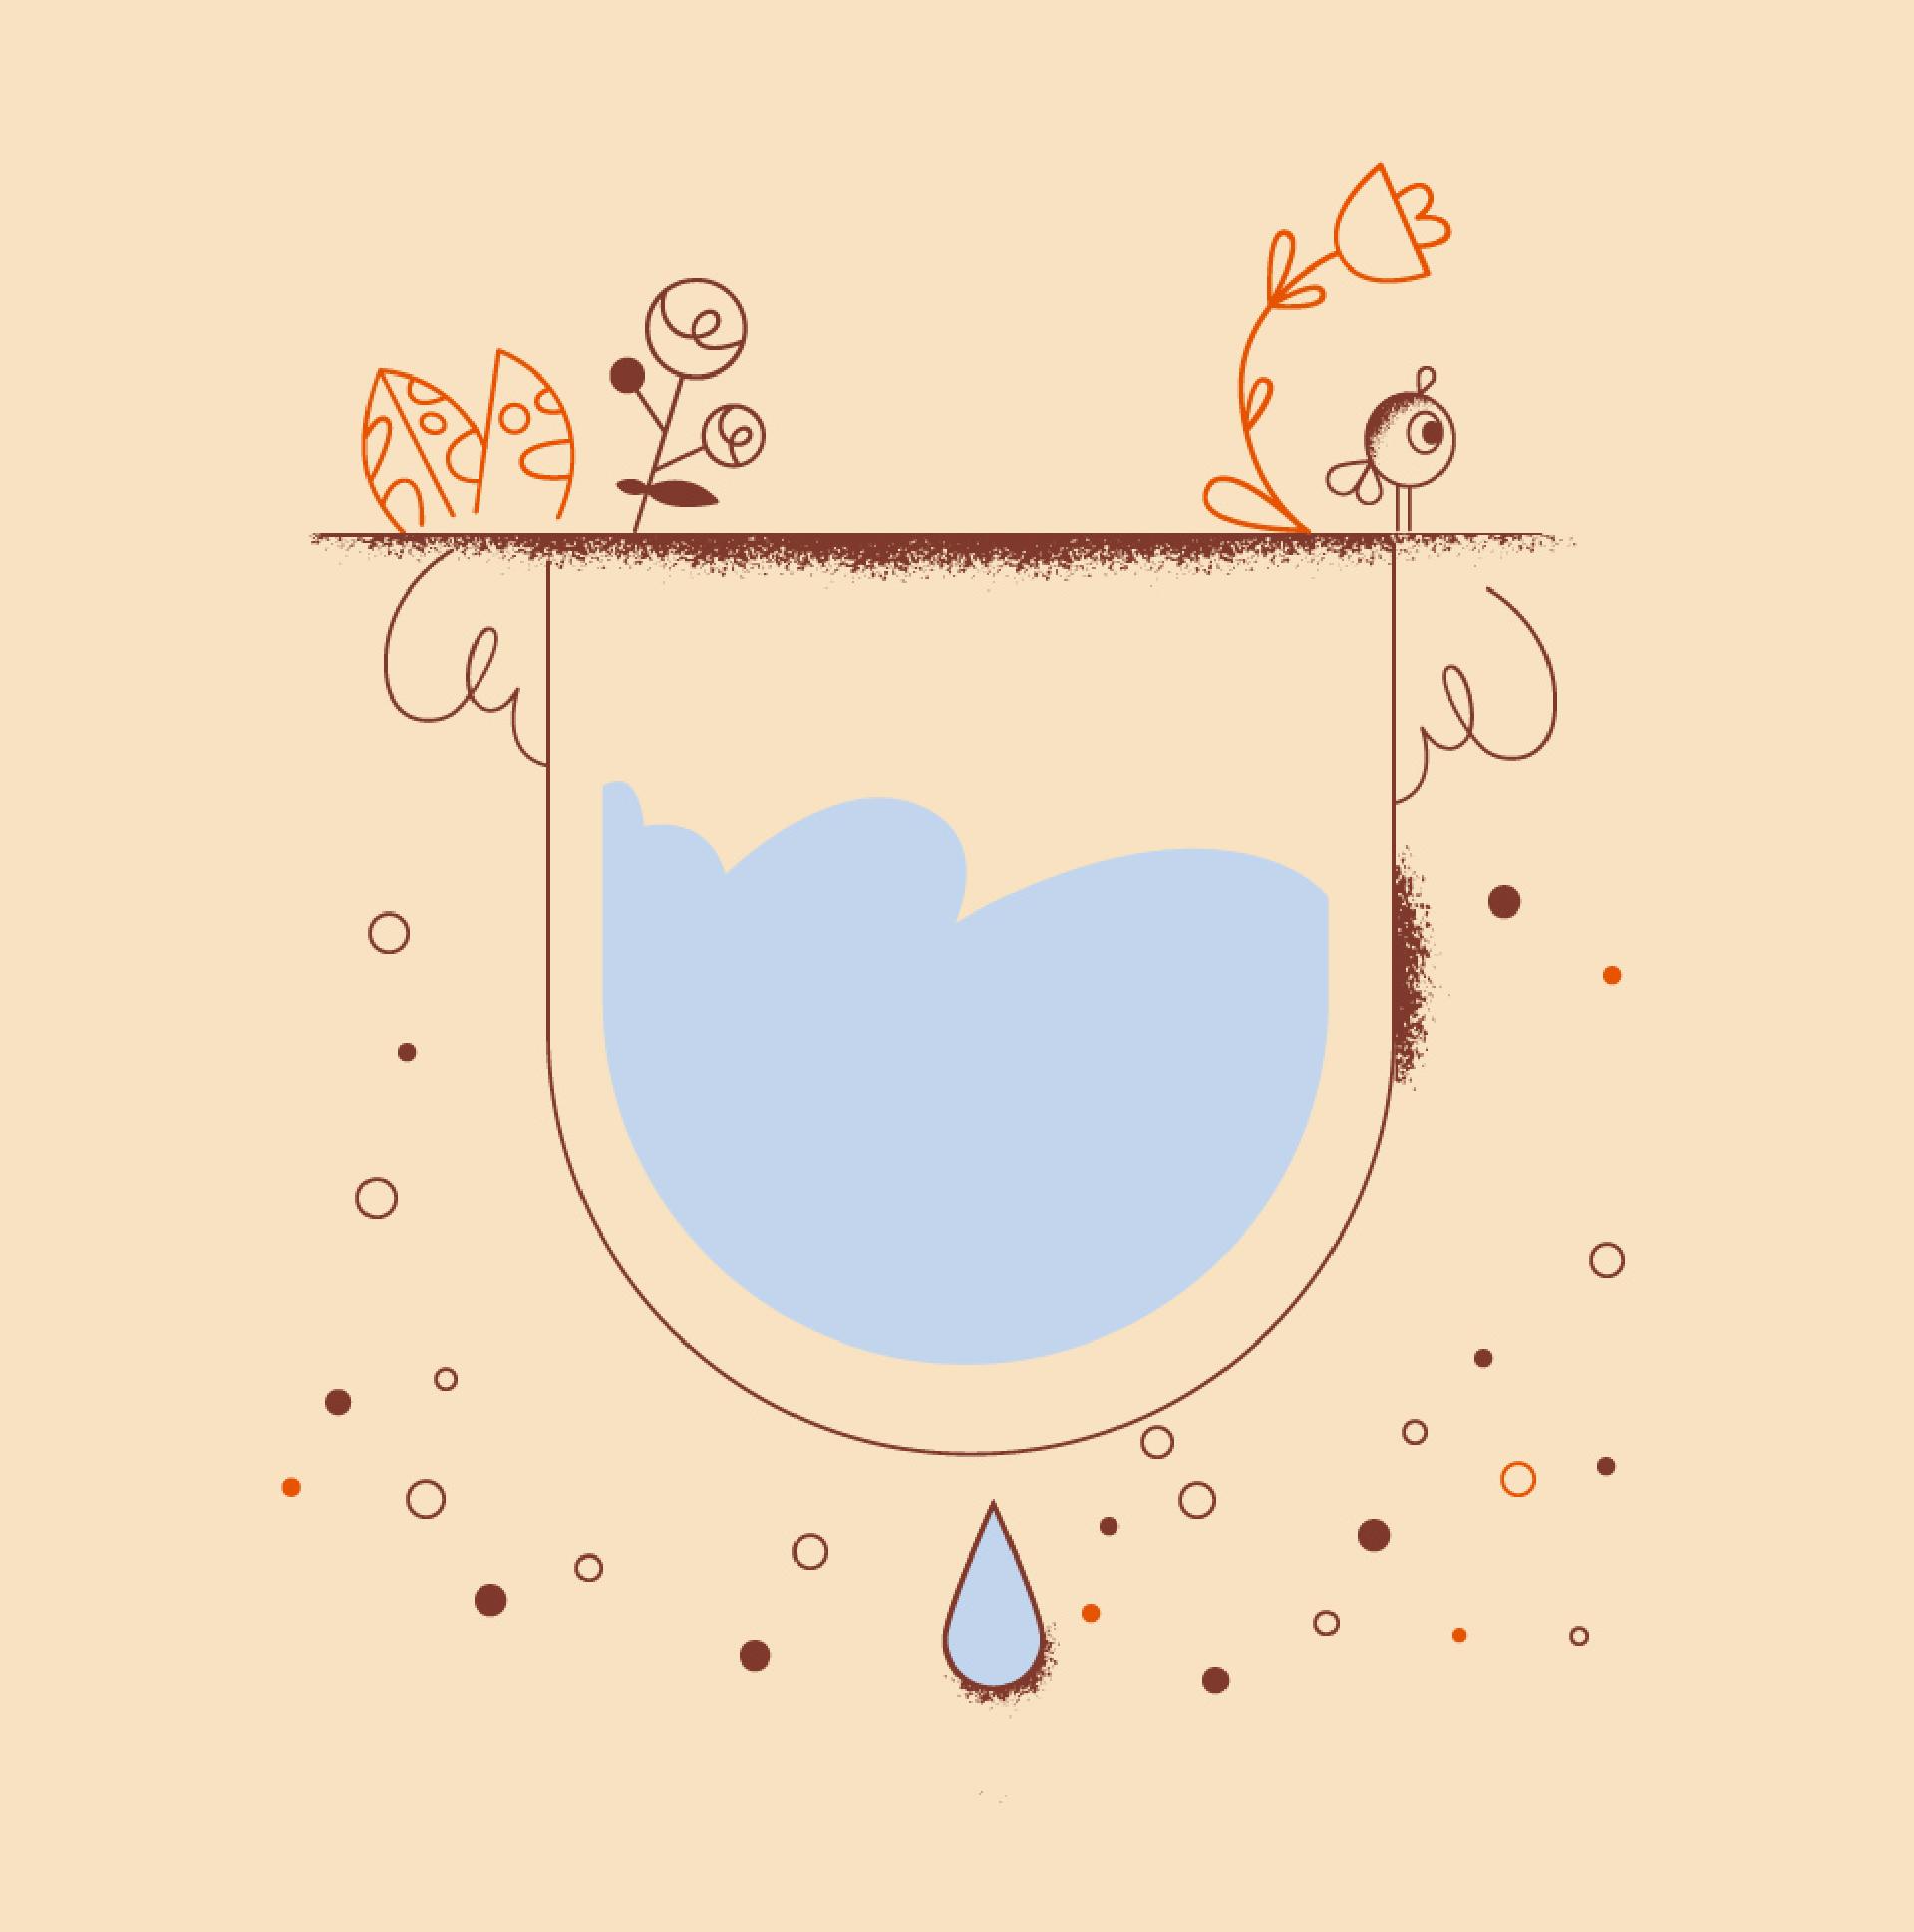 L'histoire de l'eau à un petit garçon | Maison de l'Arbre et de la Nature Chamberet